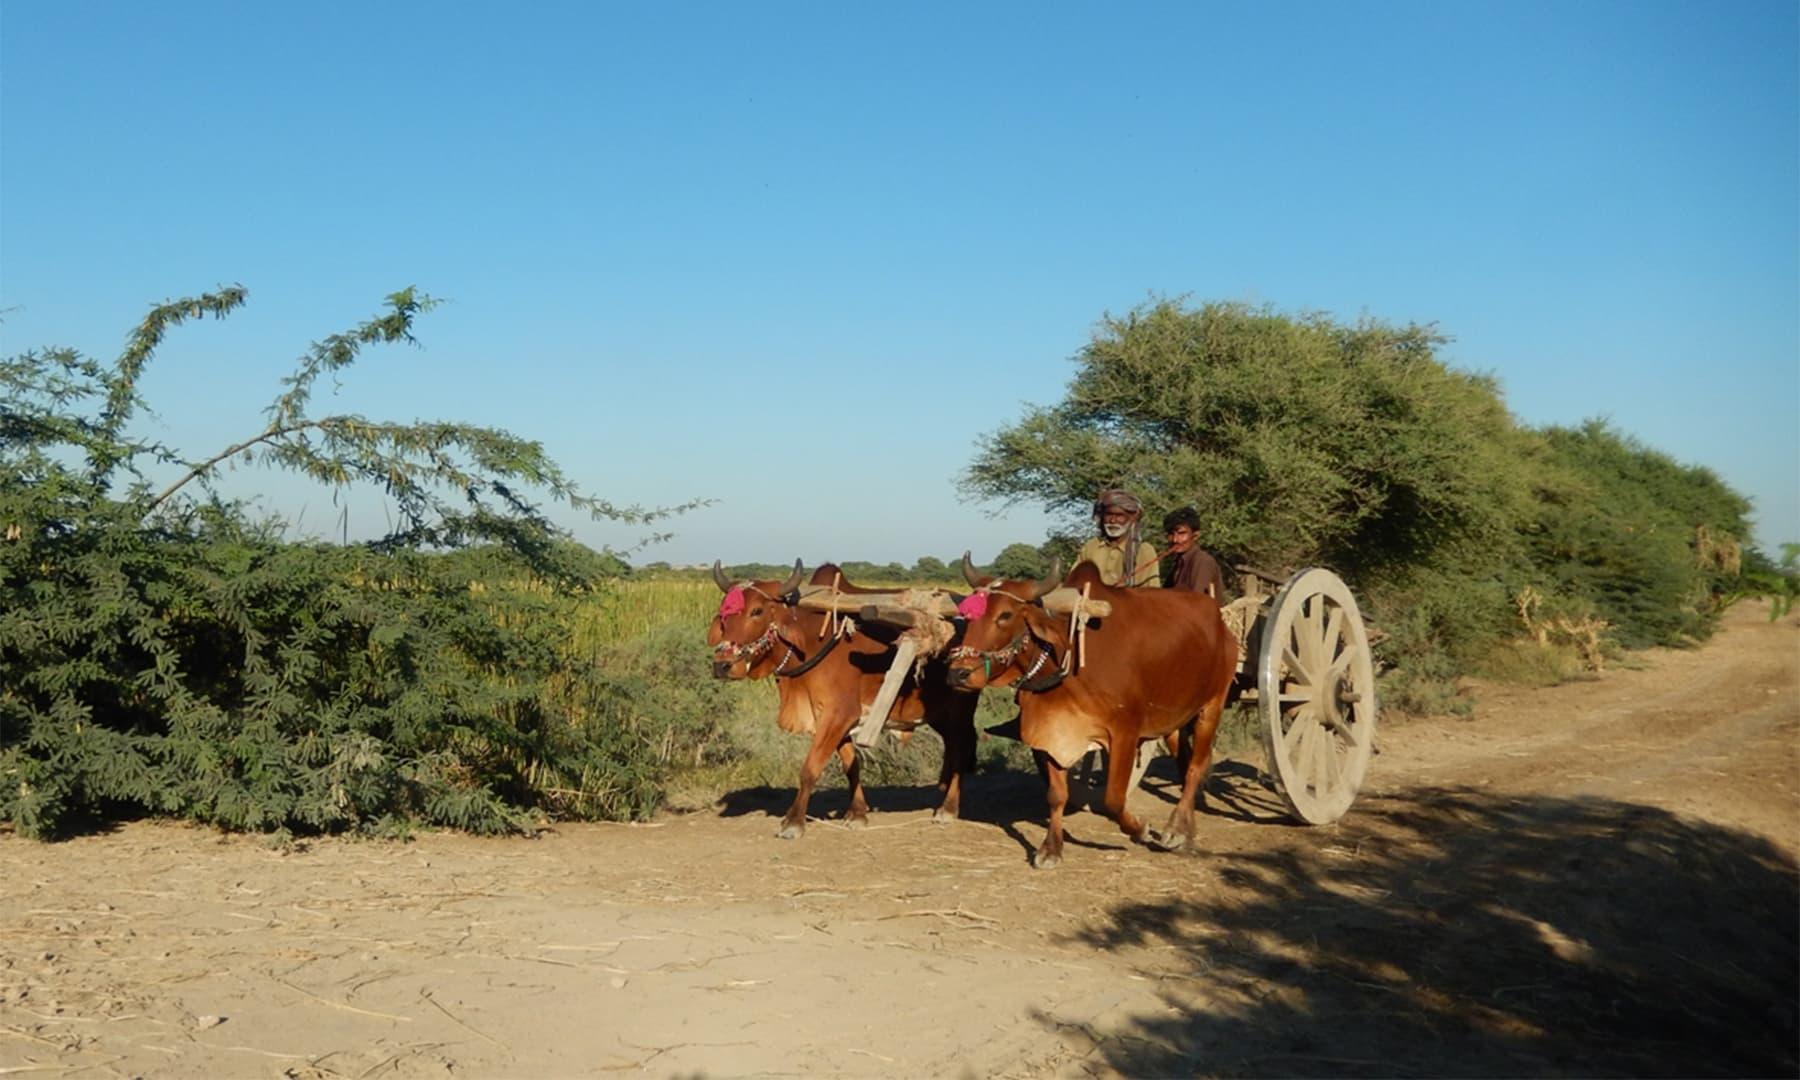 ہمیشہ 2، 3 بیل گاڑیاں ساتھ سفر کیا کرتی تھیں